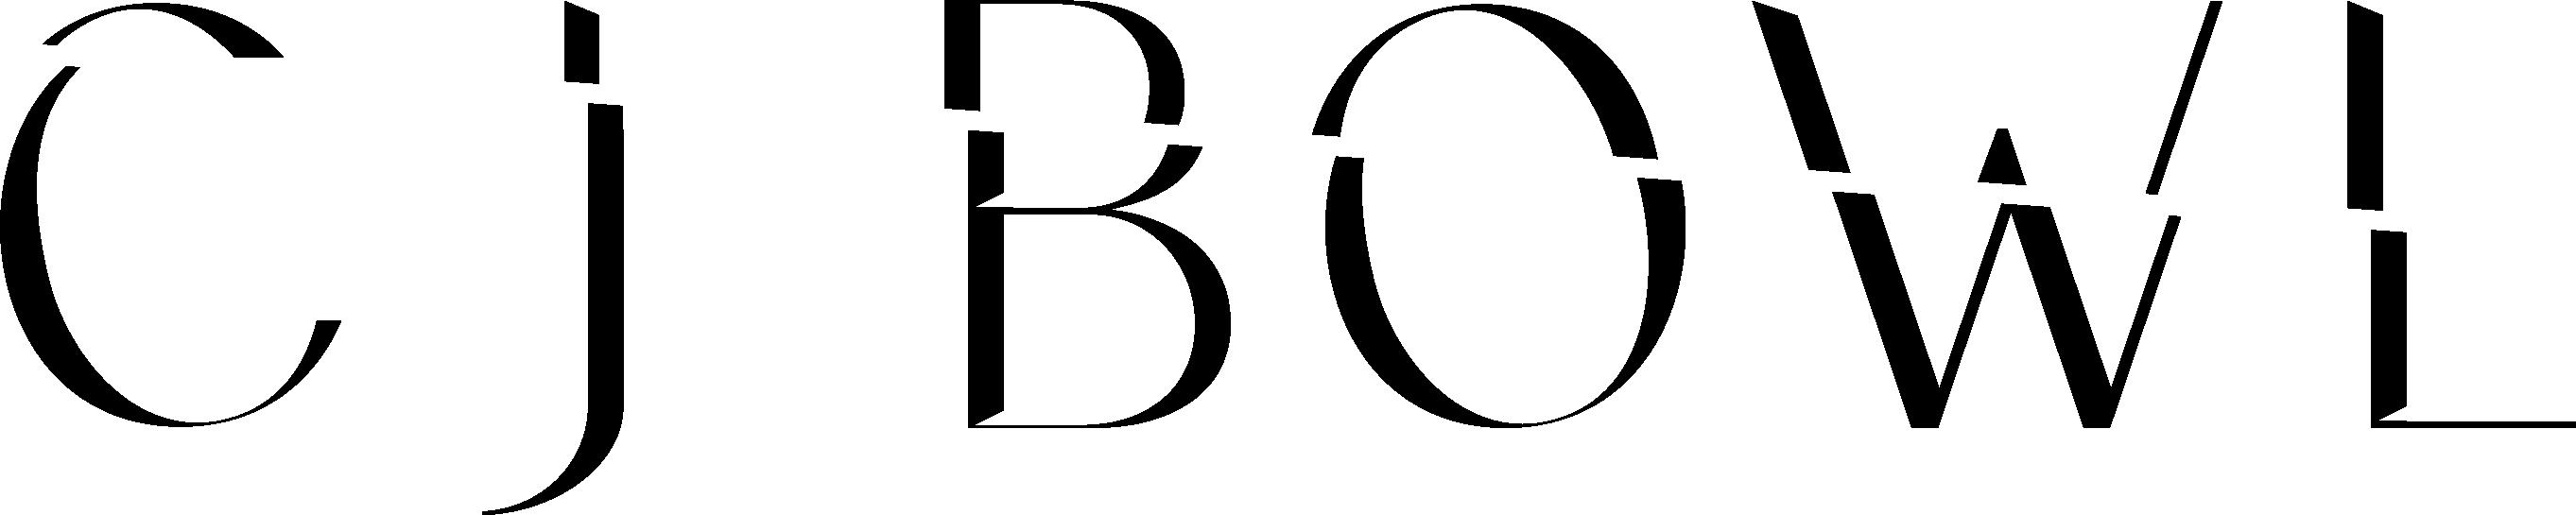 logotype-cjbowl